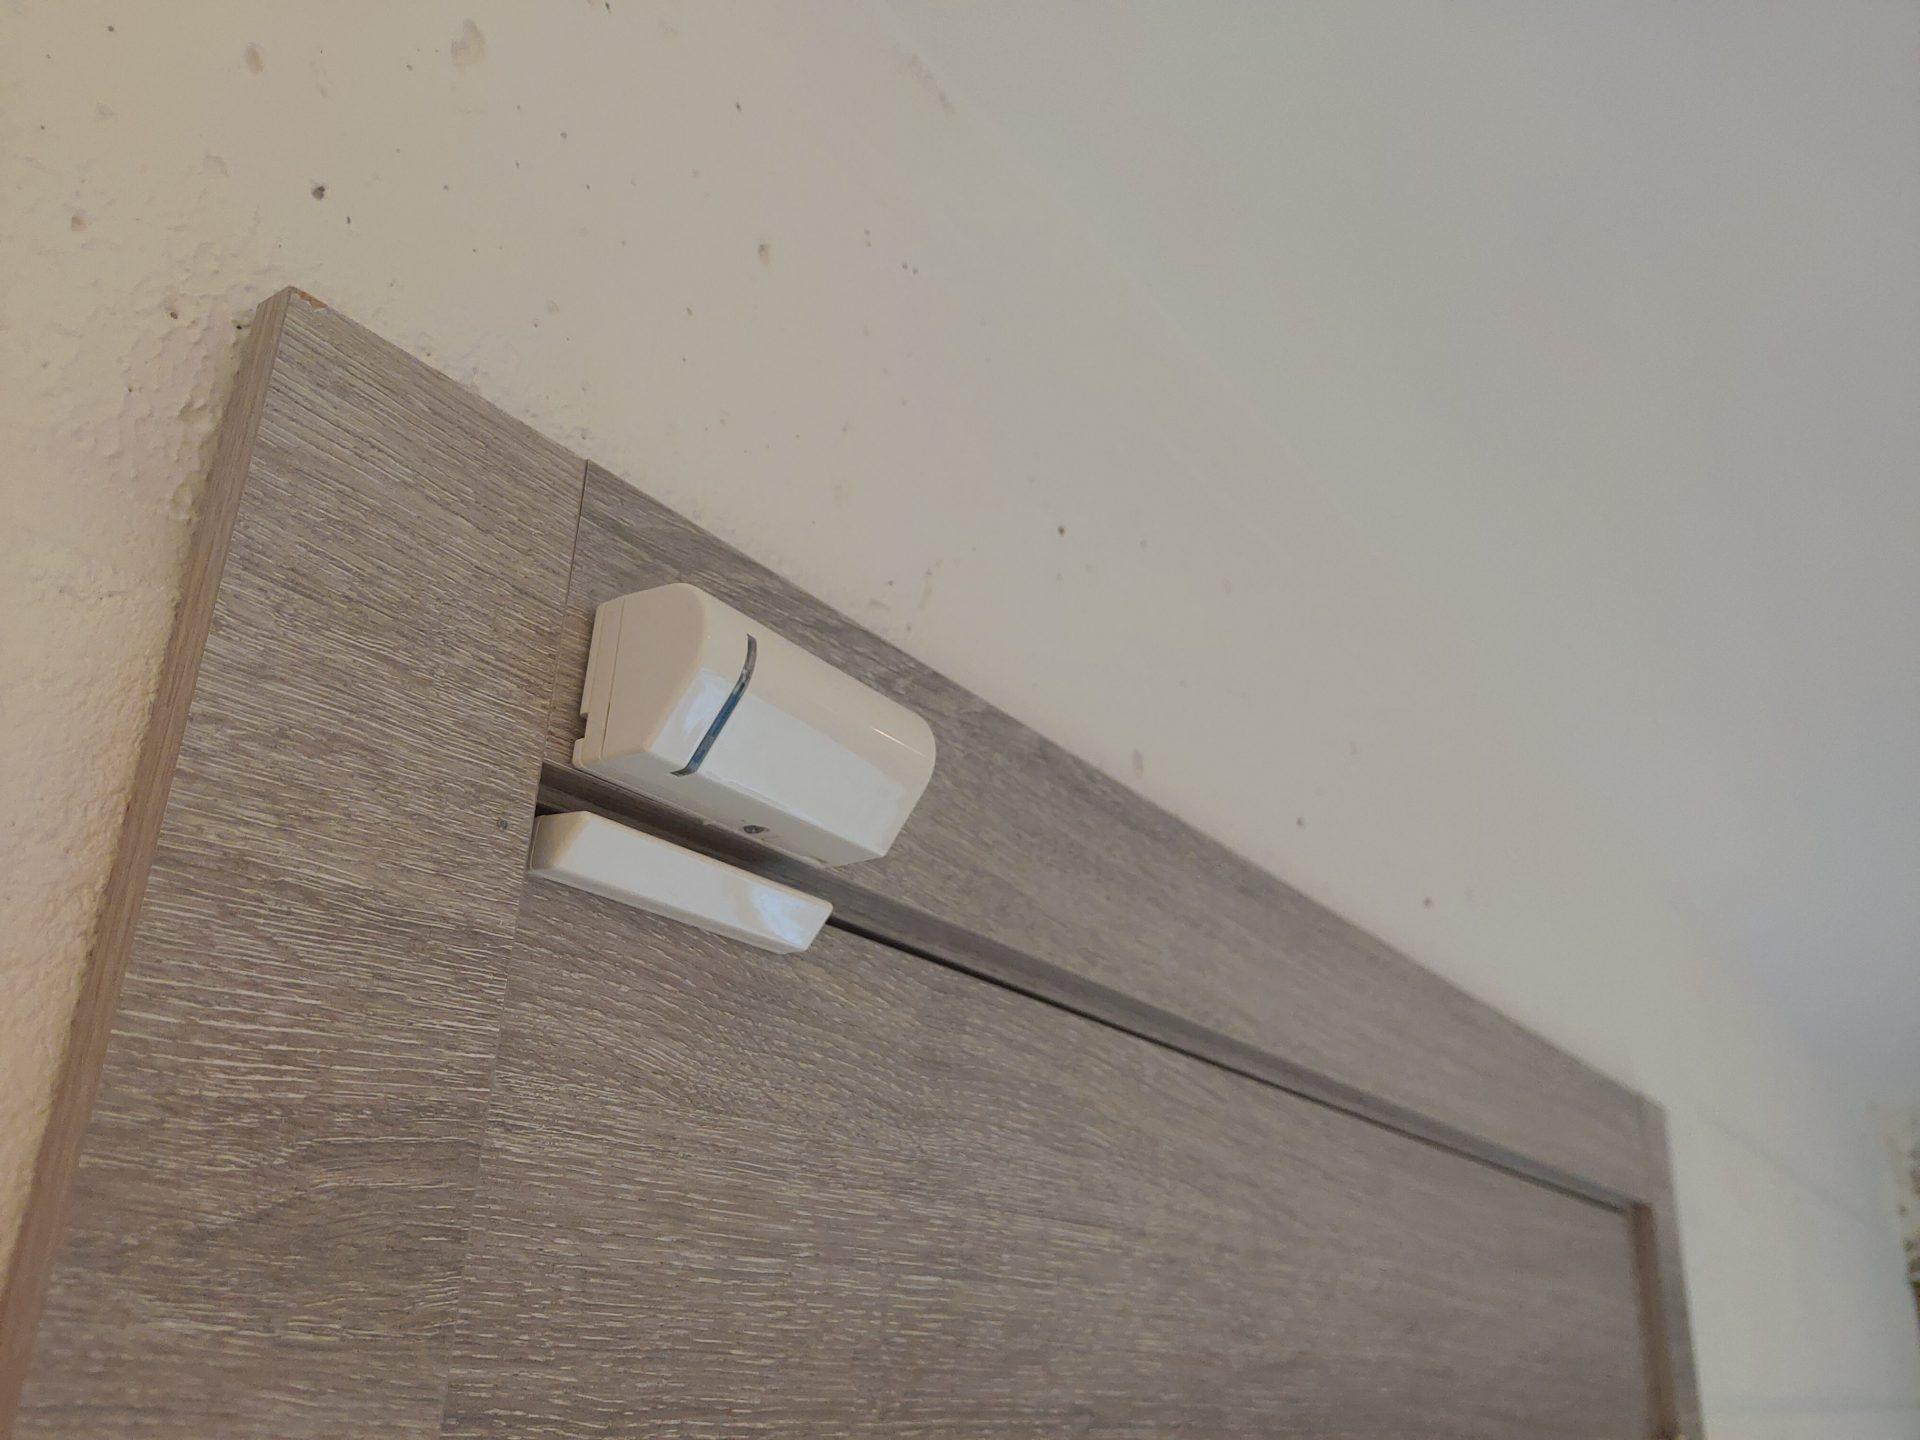 Alarme plus contact magnetique sans fil risco